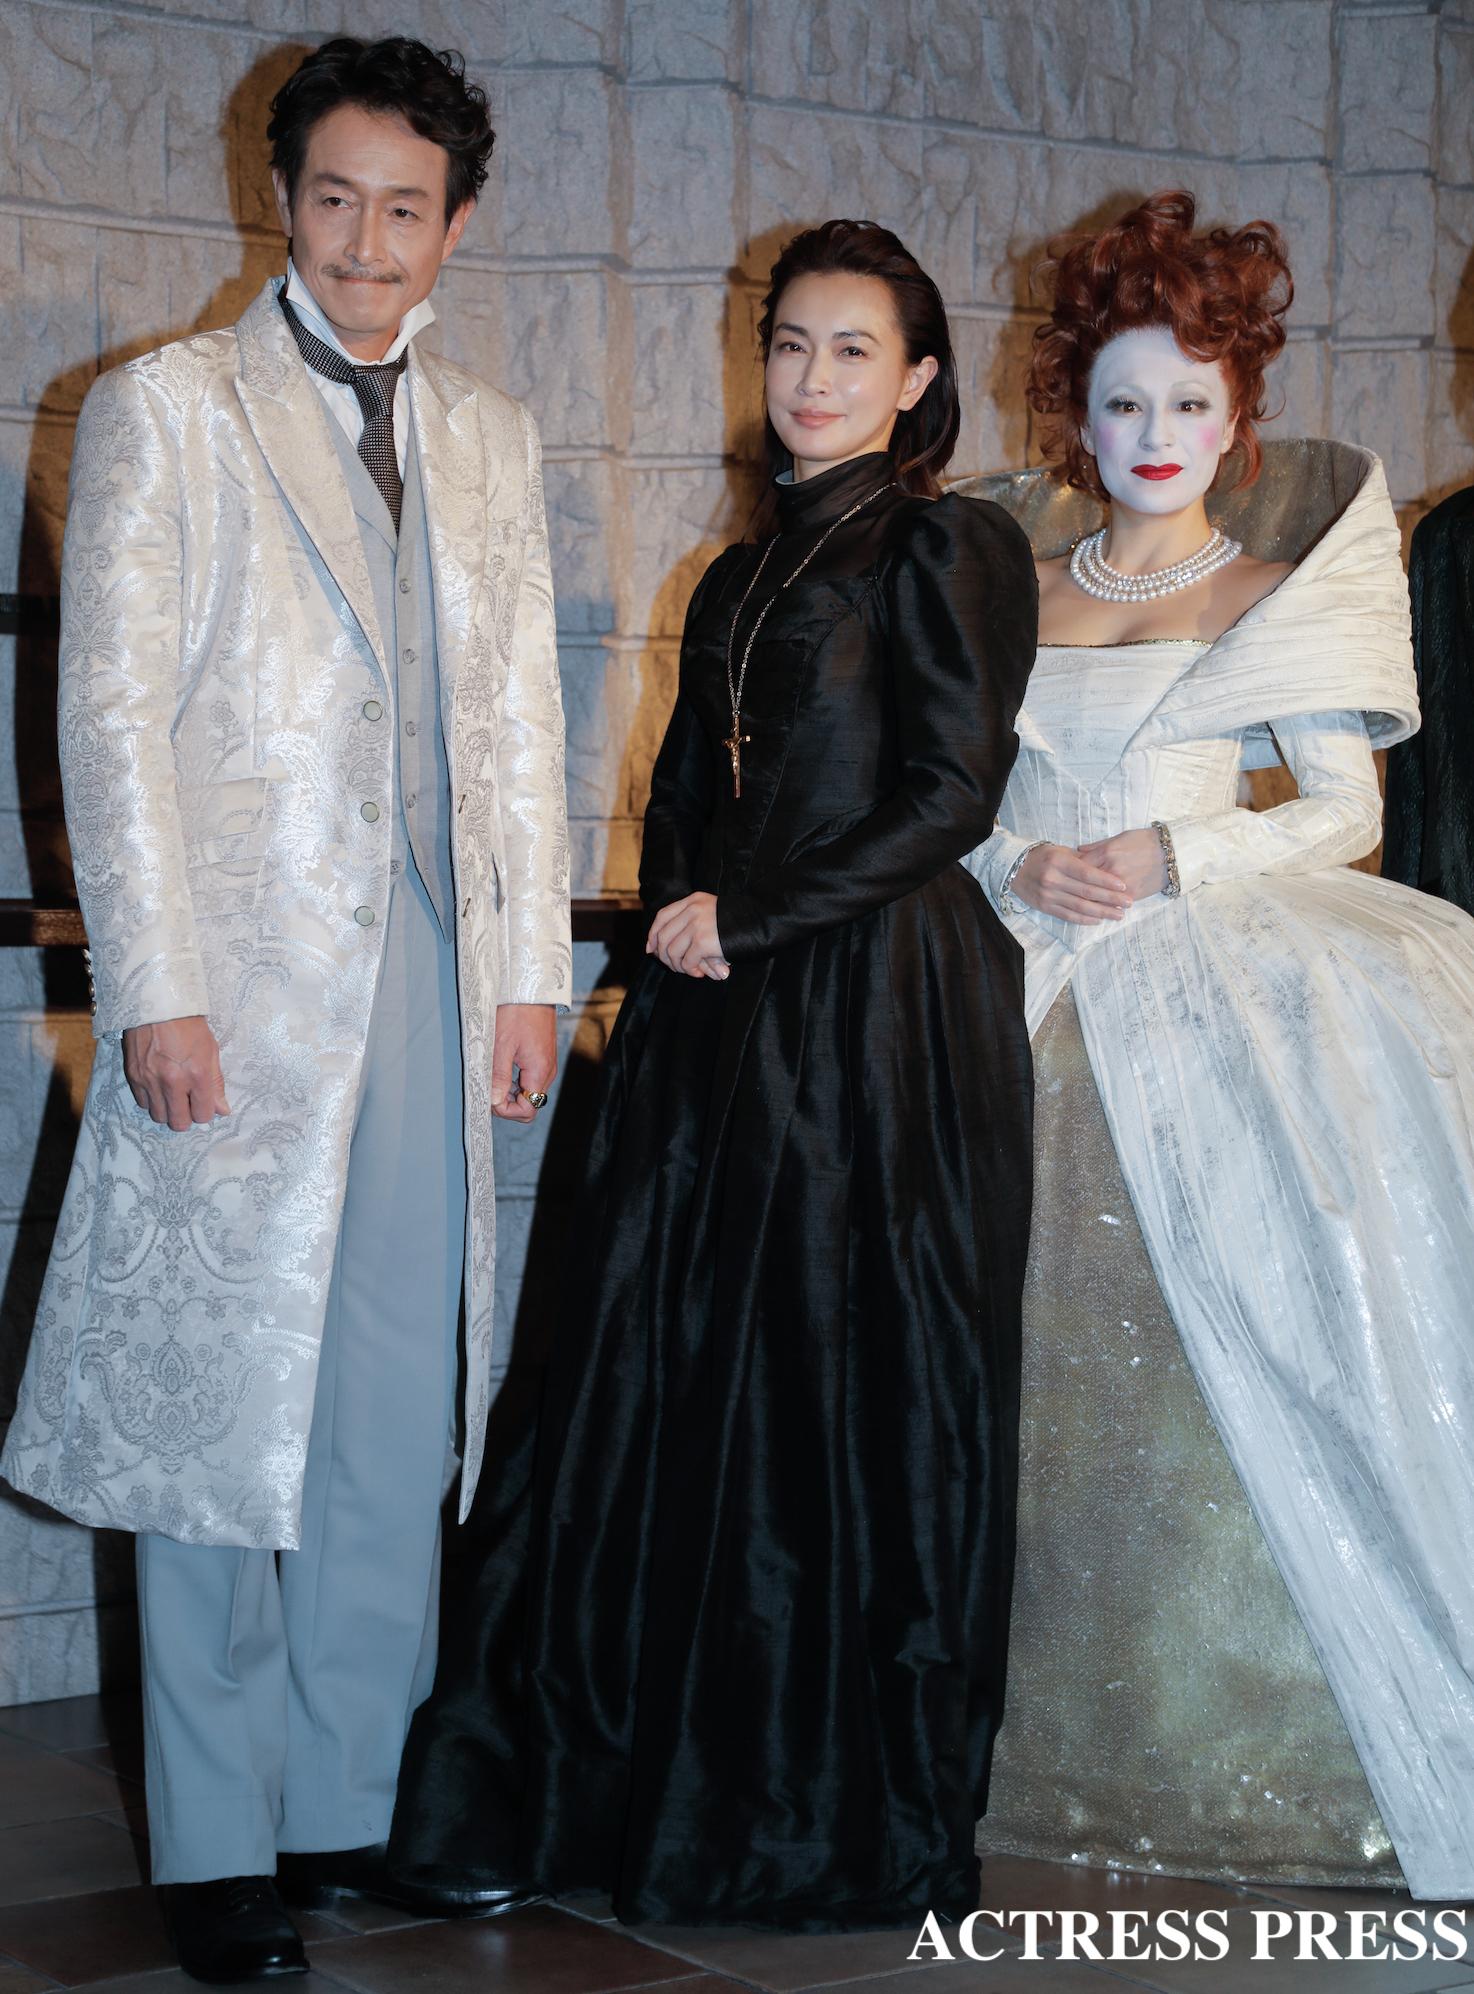 左から:吉田栄作、長谷川京子、シルビア・グラブ/舞台『メアリ・スチュアート』取材にて/撮影:ACTRESS PRESS編集部